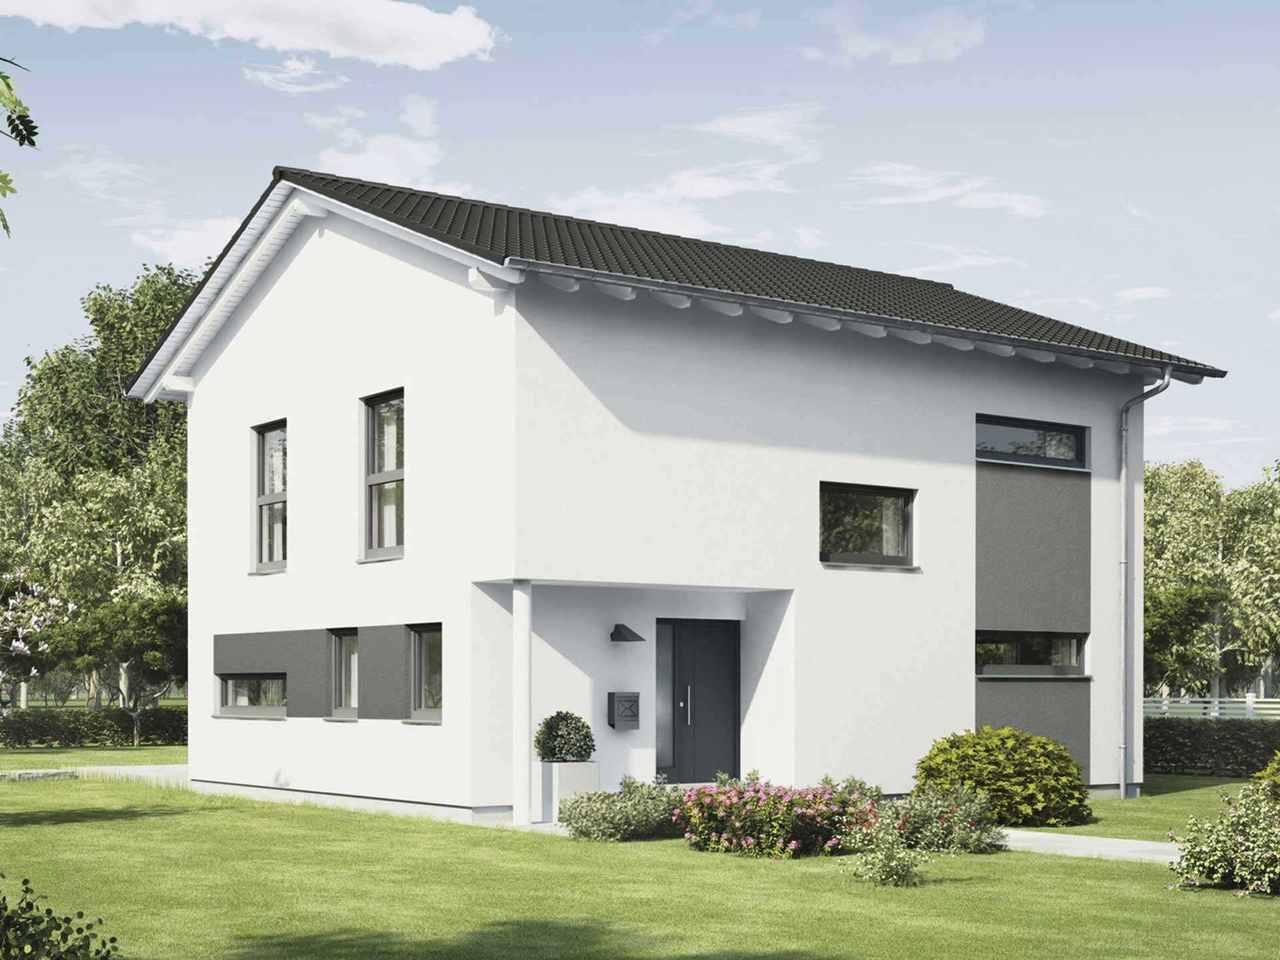 Haus 2-geschossig generation 5.5 - 300 - WeberHaus